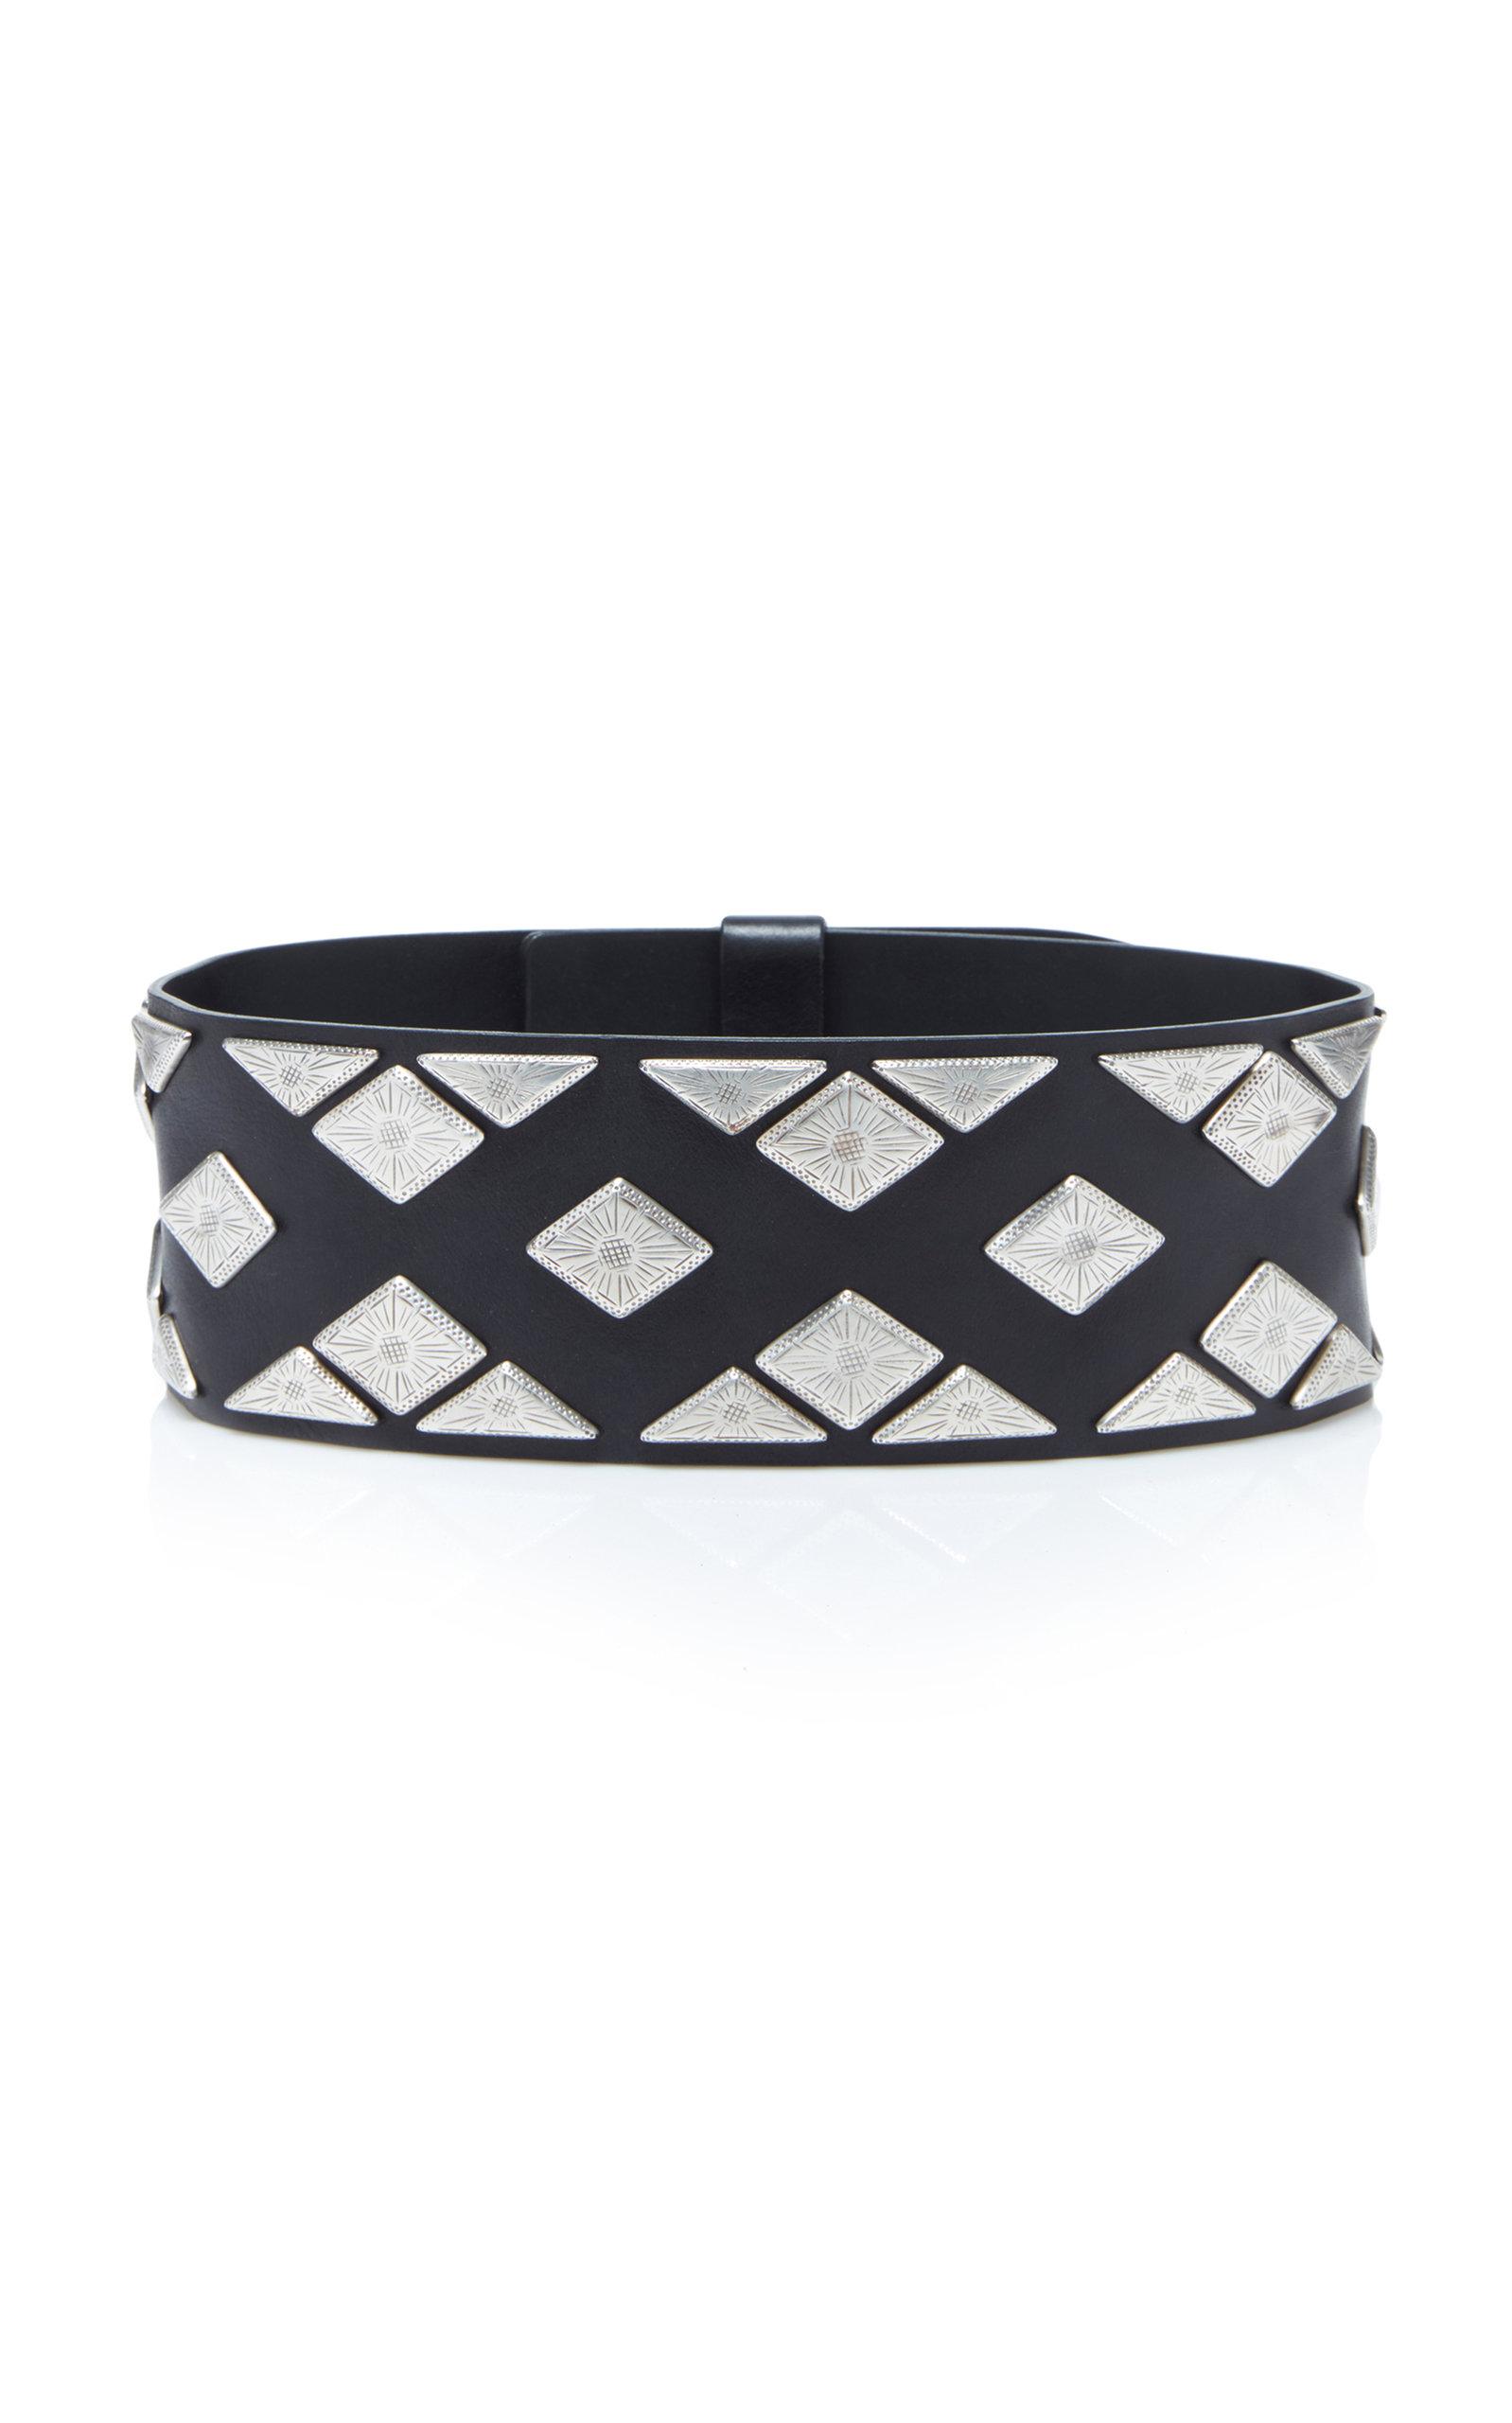 Zony Embellished Leather Waist Belt, Black